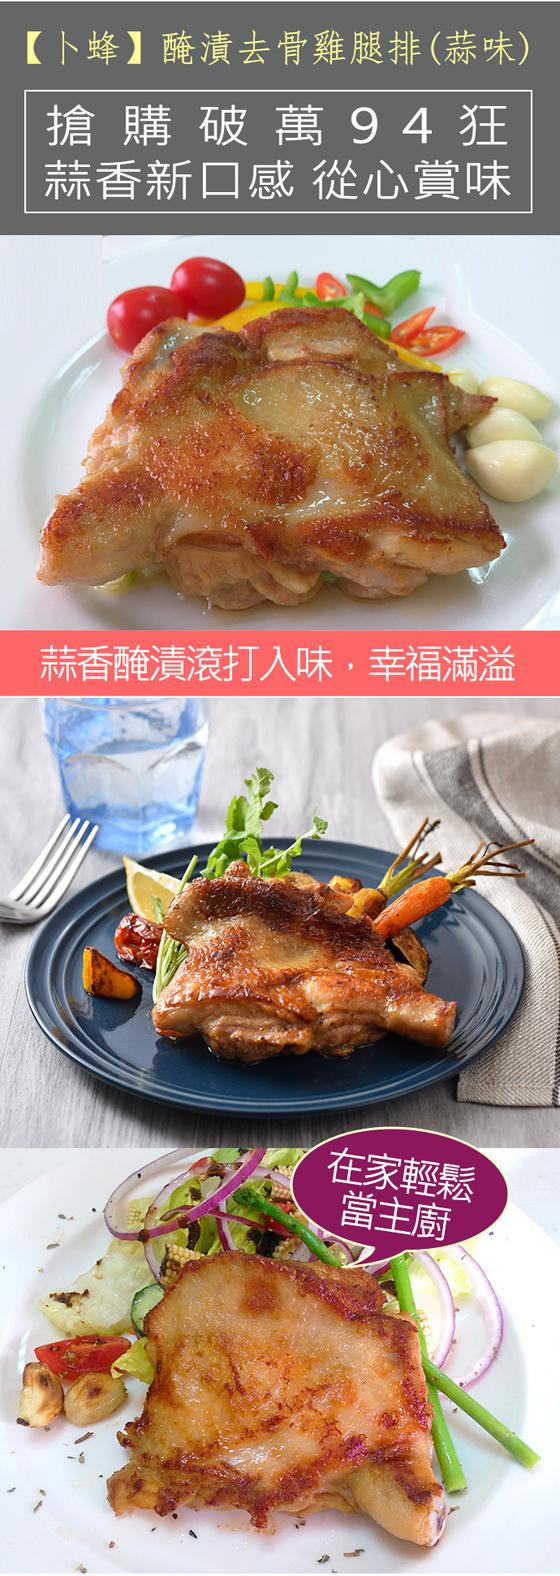 卜蜂食品/蒜香/去骨/雞腿排/里肌/嫩豬排/雞胸肉排/食材/中秋/烤肉/BBQ/燒烤/碳烤/火烤